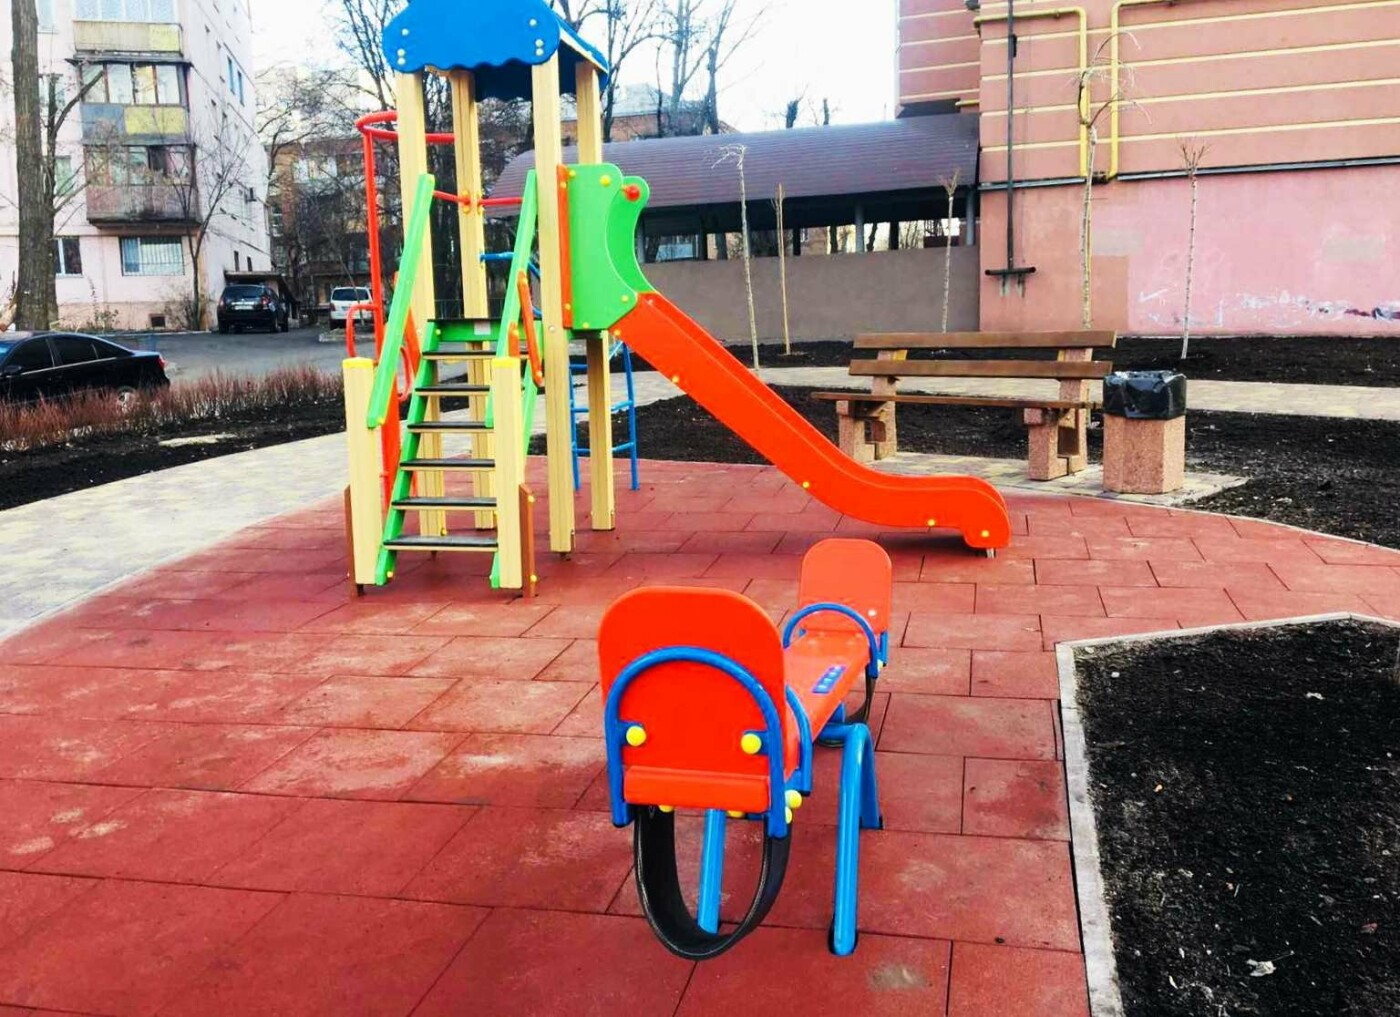 Детская площадка, растения, лавки: как выглядит обновленный сквер на Соломенке, - ФОТО, фото-1